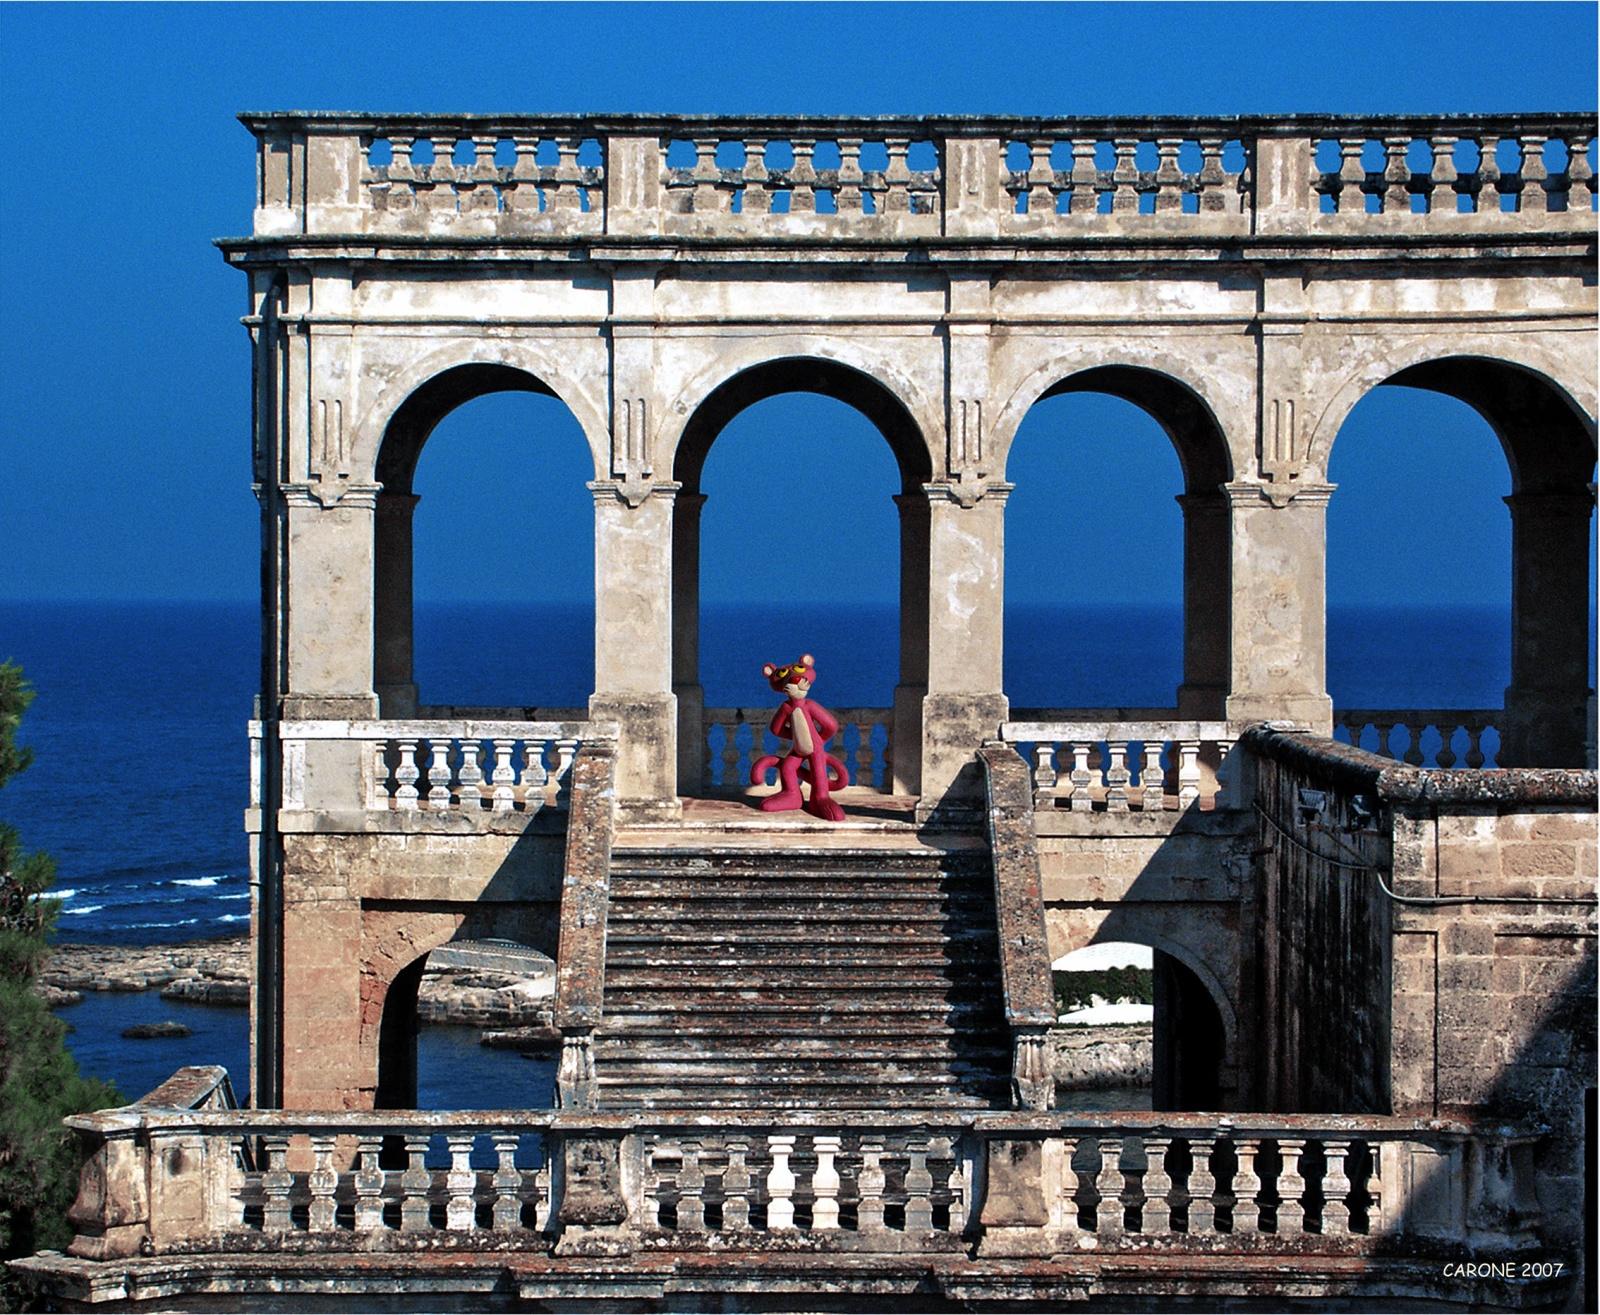 PINK PANTHER'S ABBEY . 2007 - Fotografia su tela, cm. 100 x 120 Collezione Museo Pino Pascali, Polignano a Mare